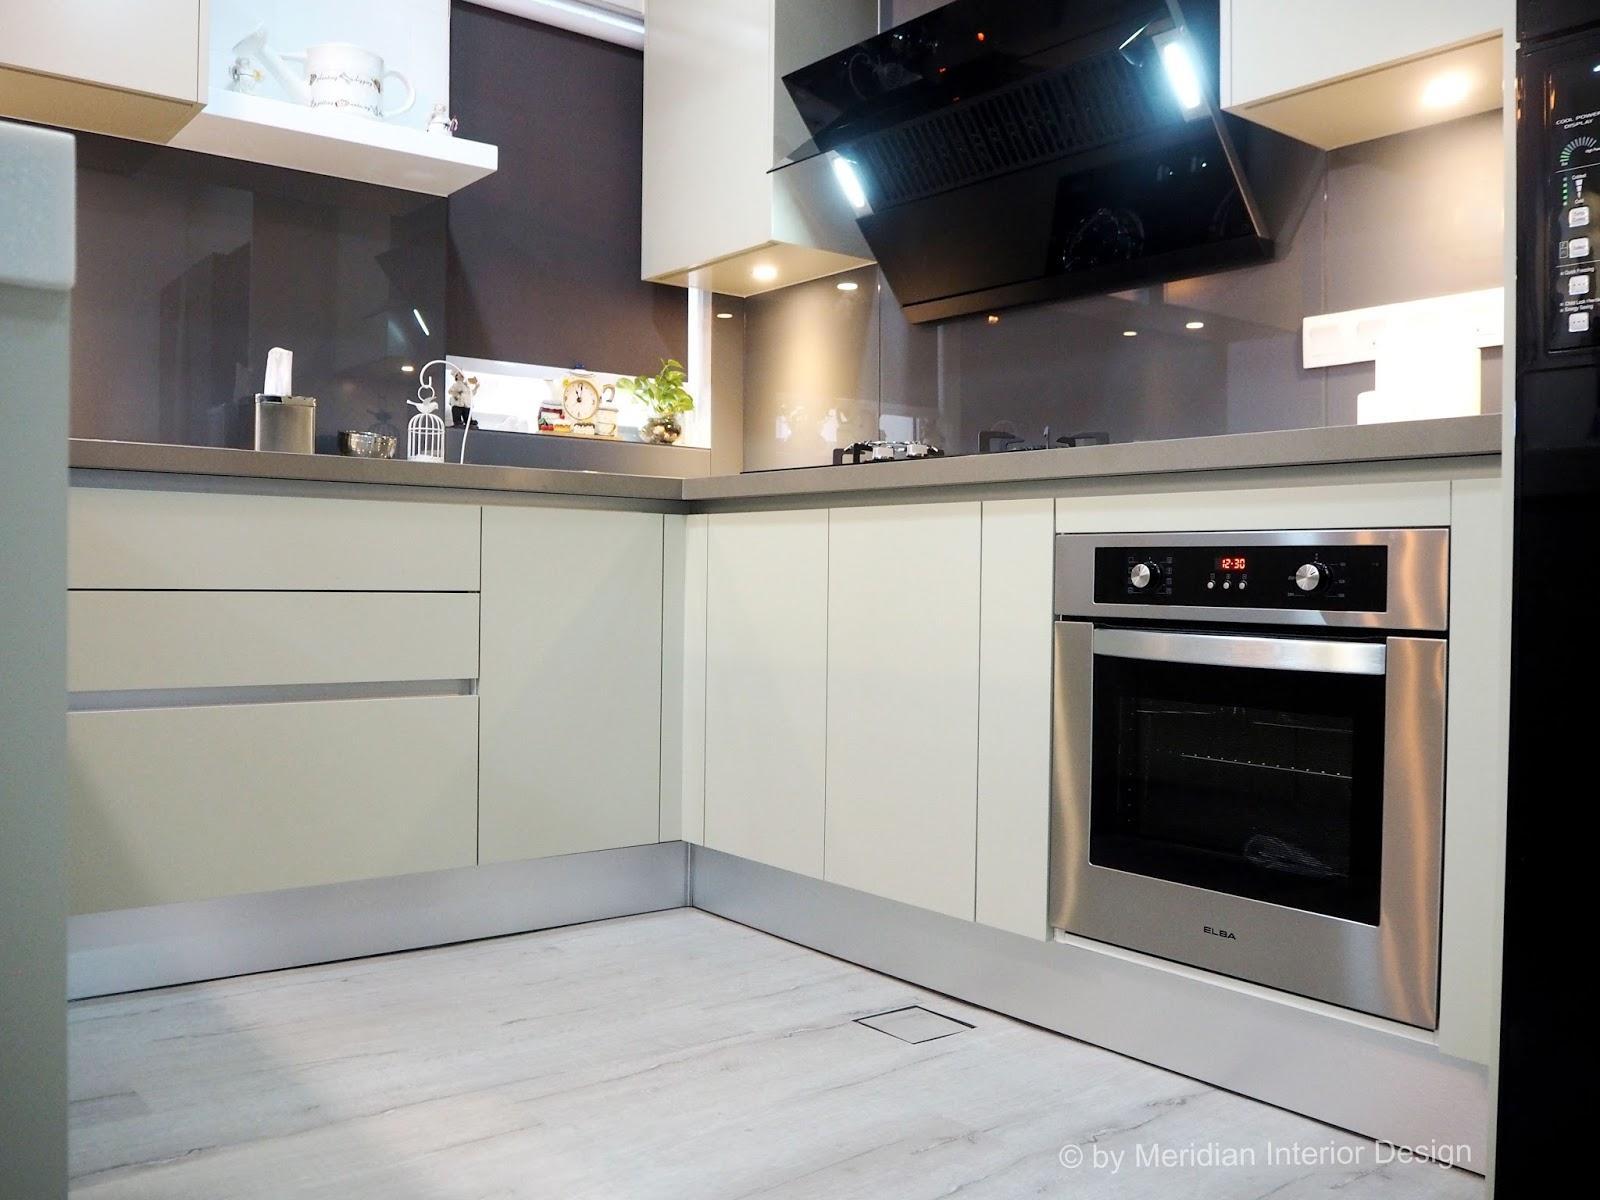 Quality Brand Kitchen Cabinets Salamander Equipment Inspiration Through Creative Interior Designs Modern